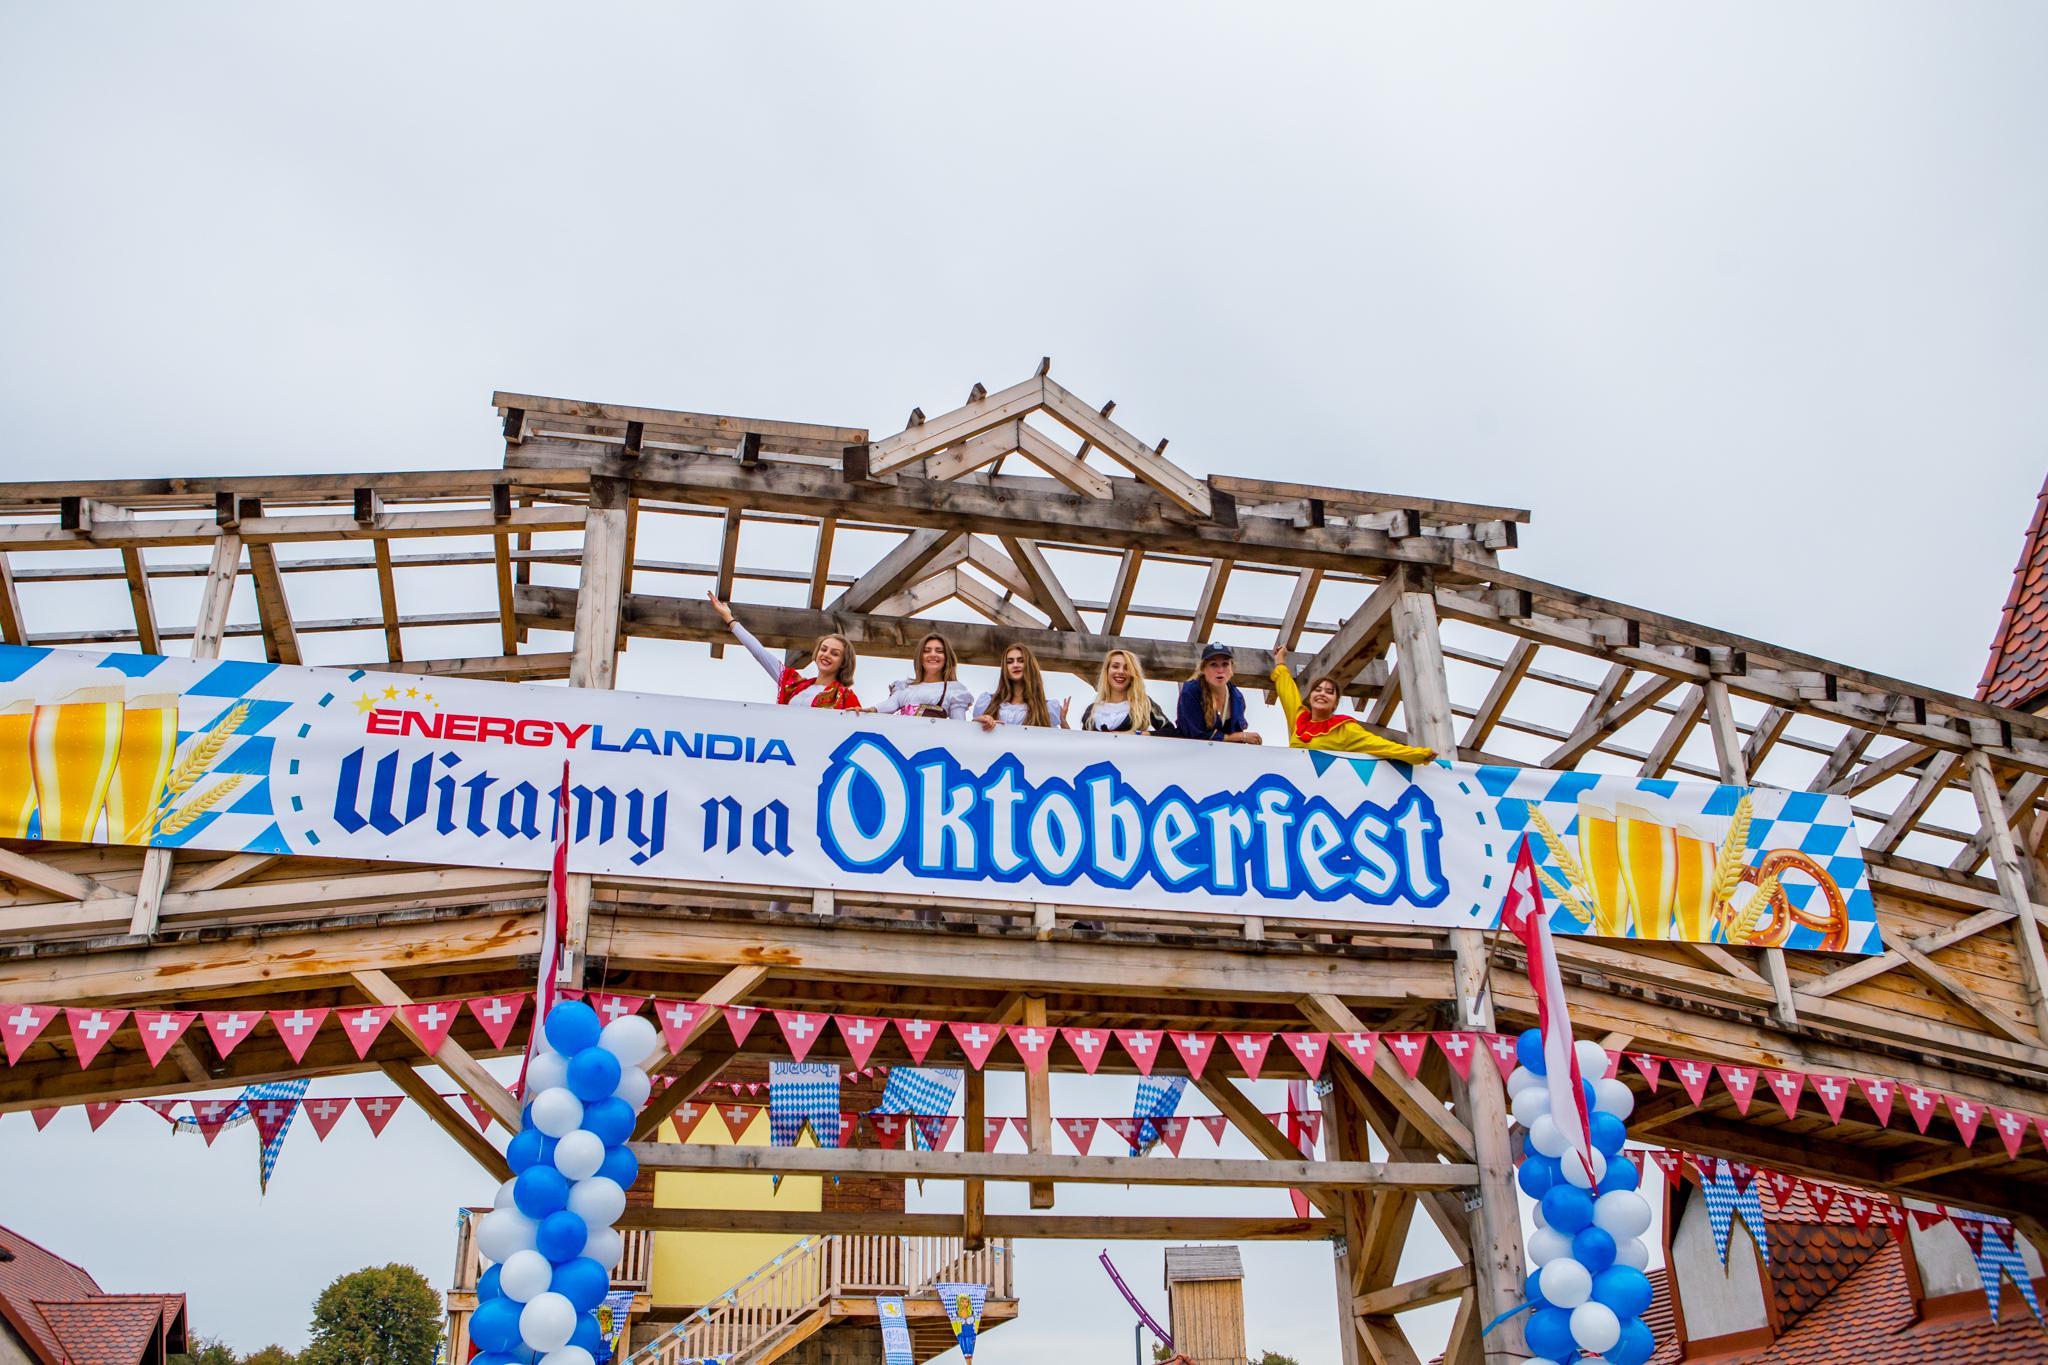 Święto Piwa Oktoberfest w Energylandii! Są nowe kursy pociągów. ZOBACZ SZCZEGÓŁY!